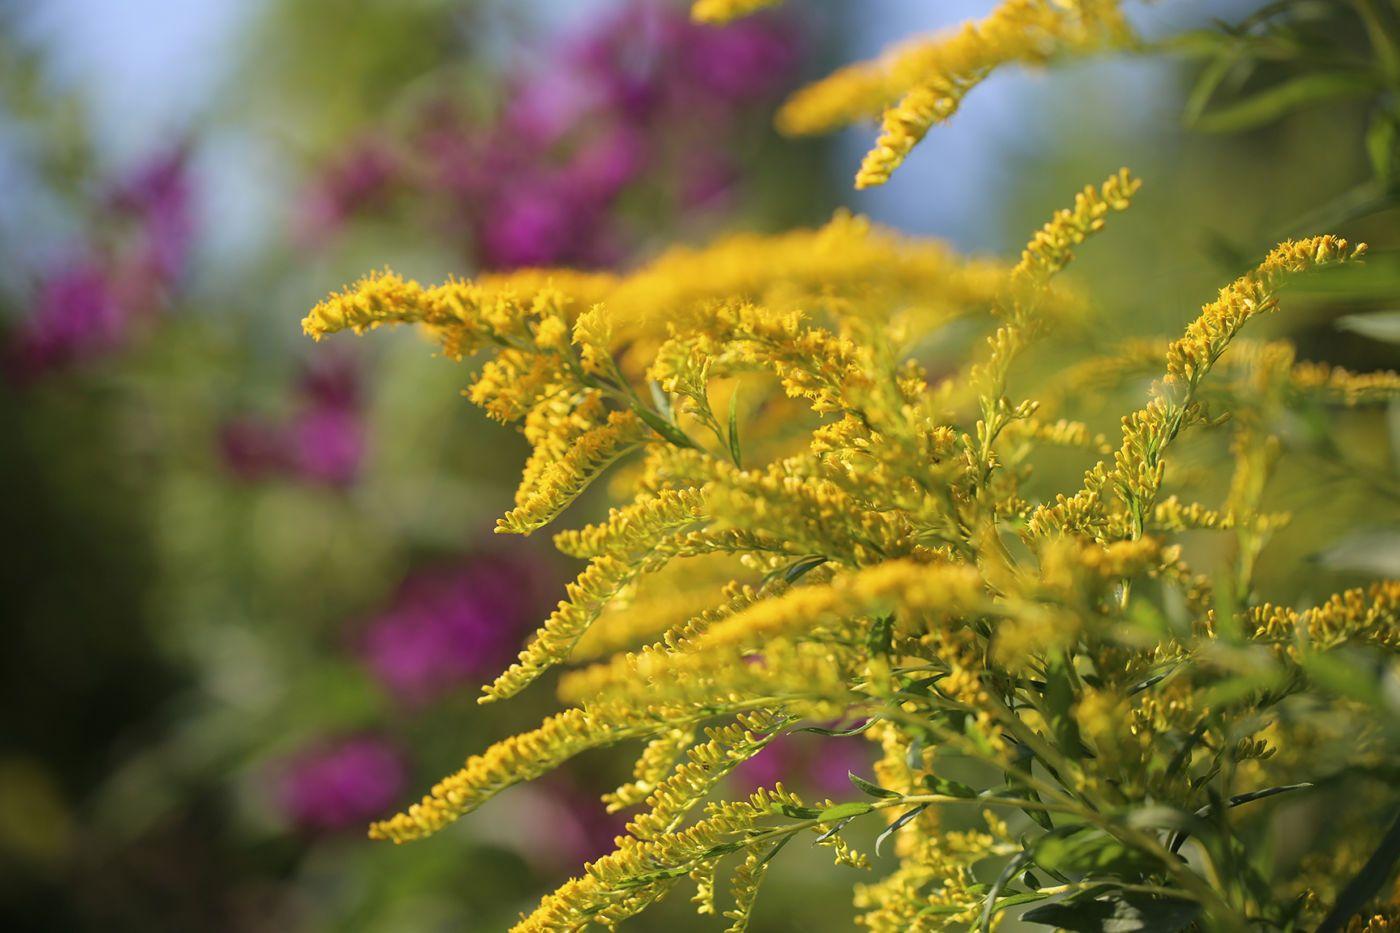 Goldenrod Medicinal Uses Benefits Goldenrod Flower Herbalism Goldenrod